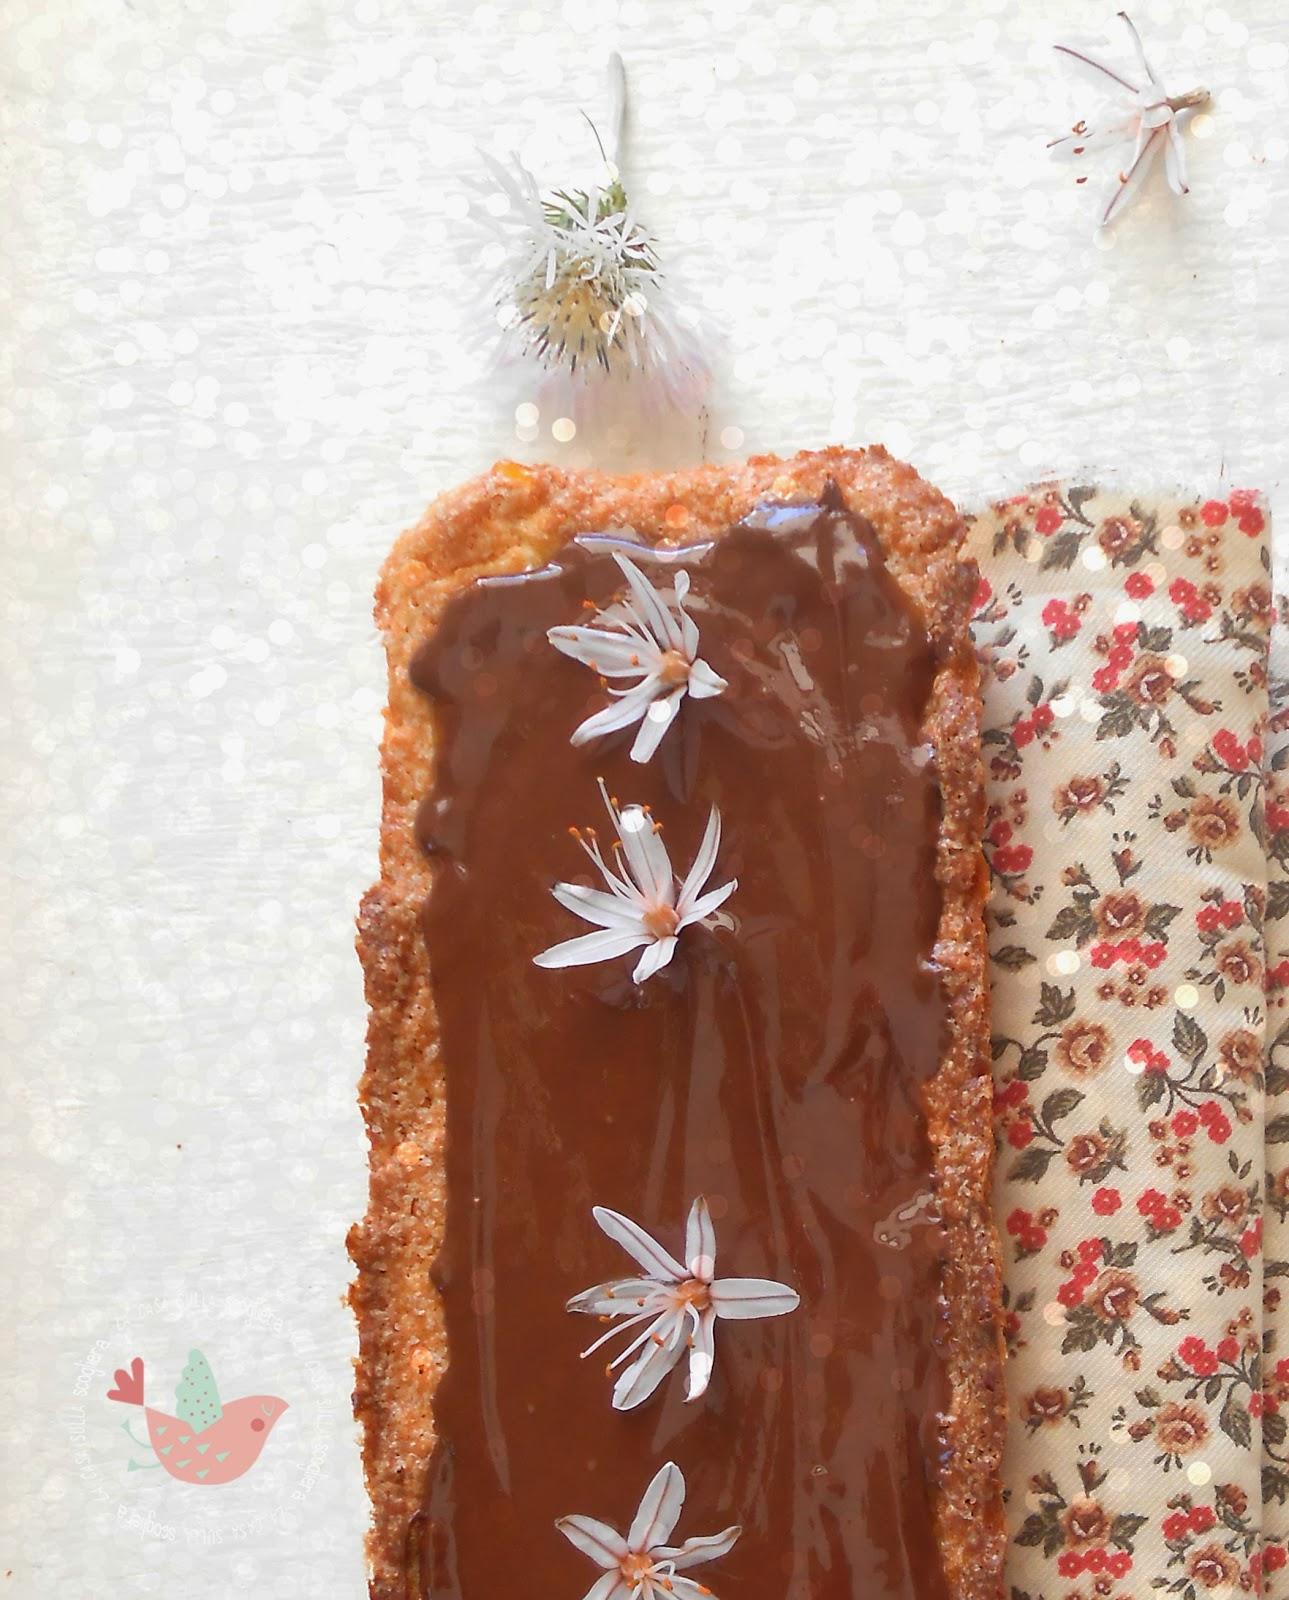 La torta più buona di tutte? Quella che unisce i sapori che preferisco: marmellata di albicocche e cioccolato fondente, ad esempio, su una crostata all'olio. Semplicemente deliziosa!!!